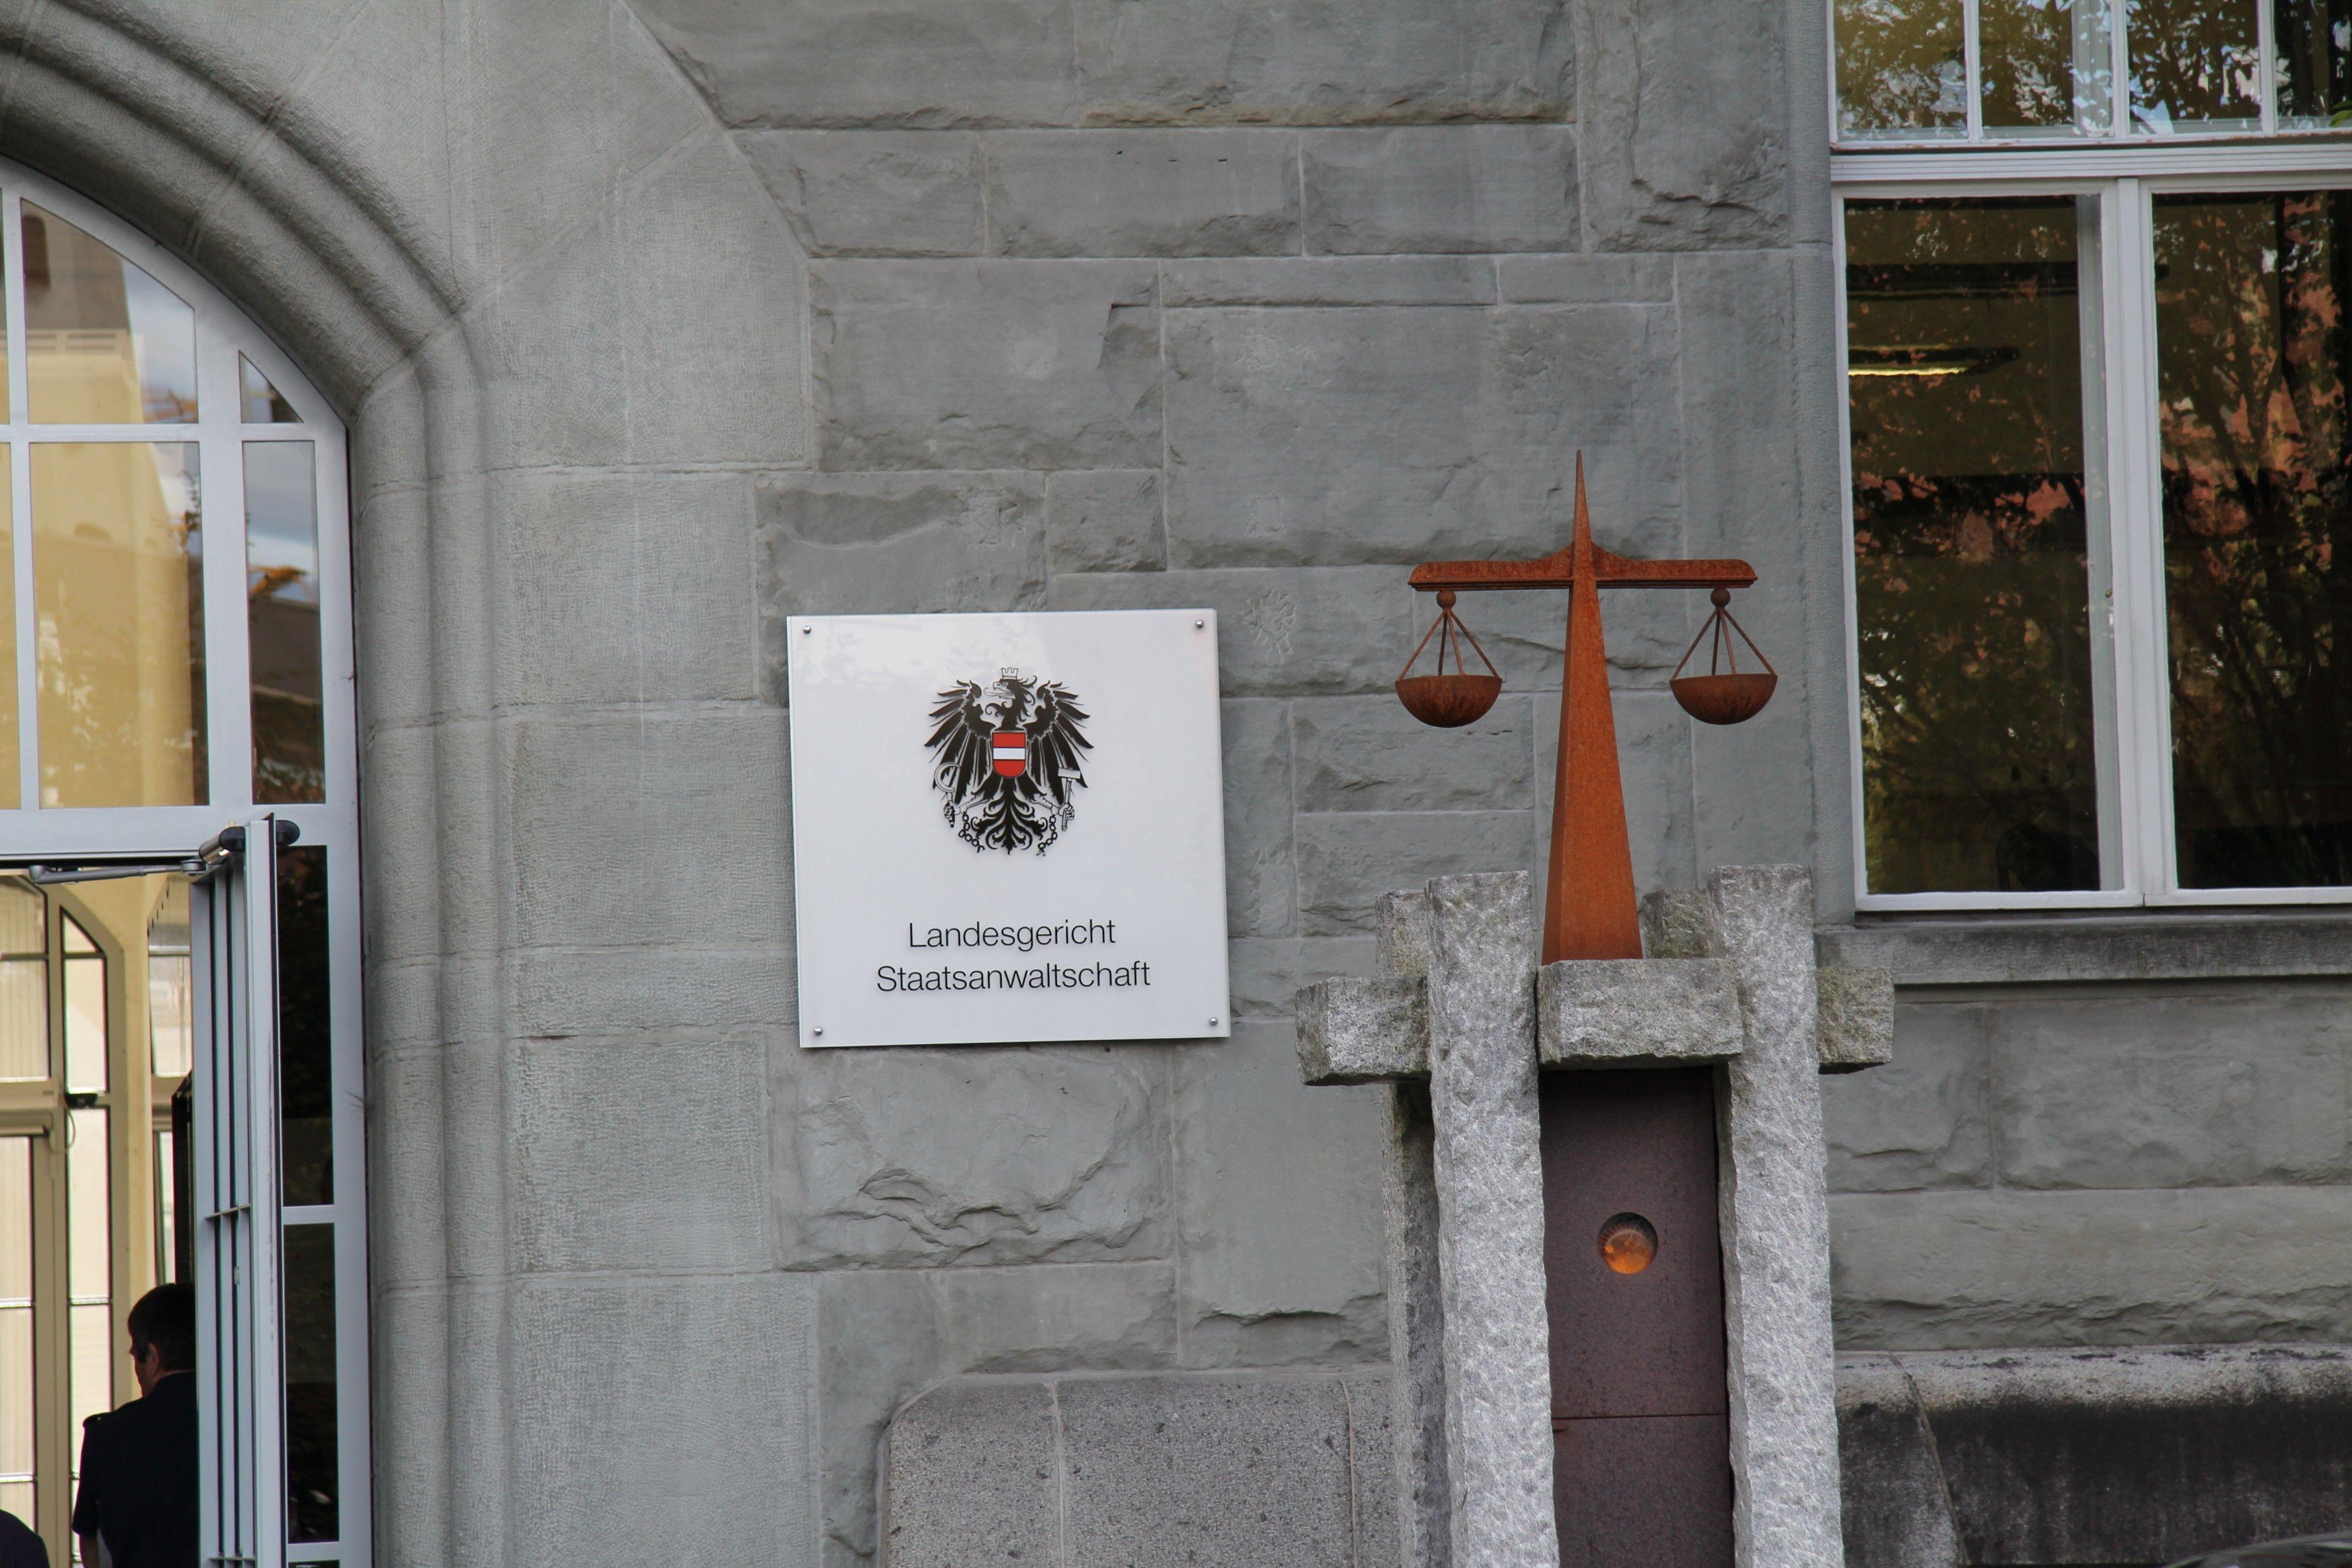 Angeblich Spendengelder gesammelt: Betrüger am Landesgericht angeklagt